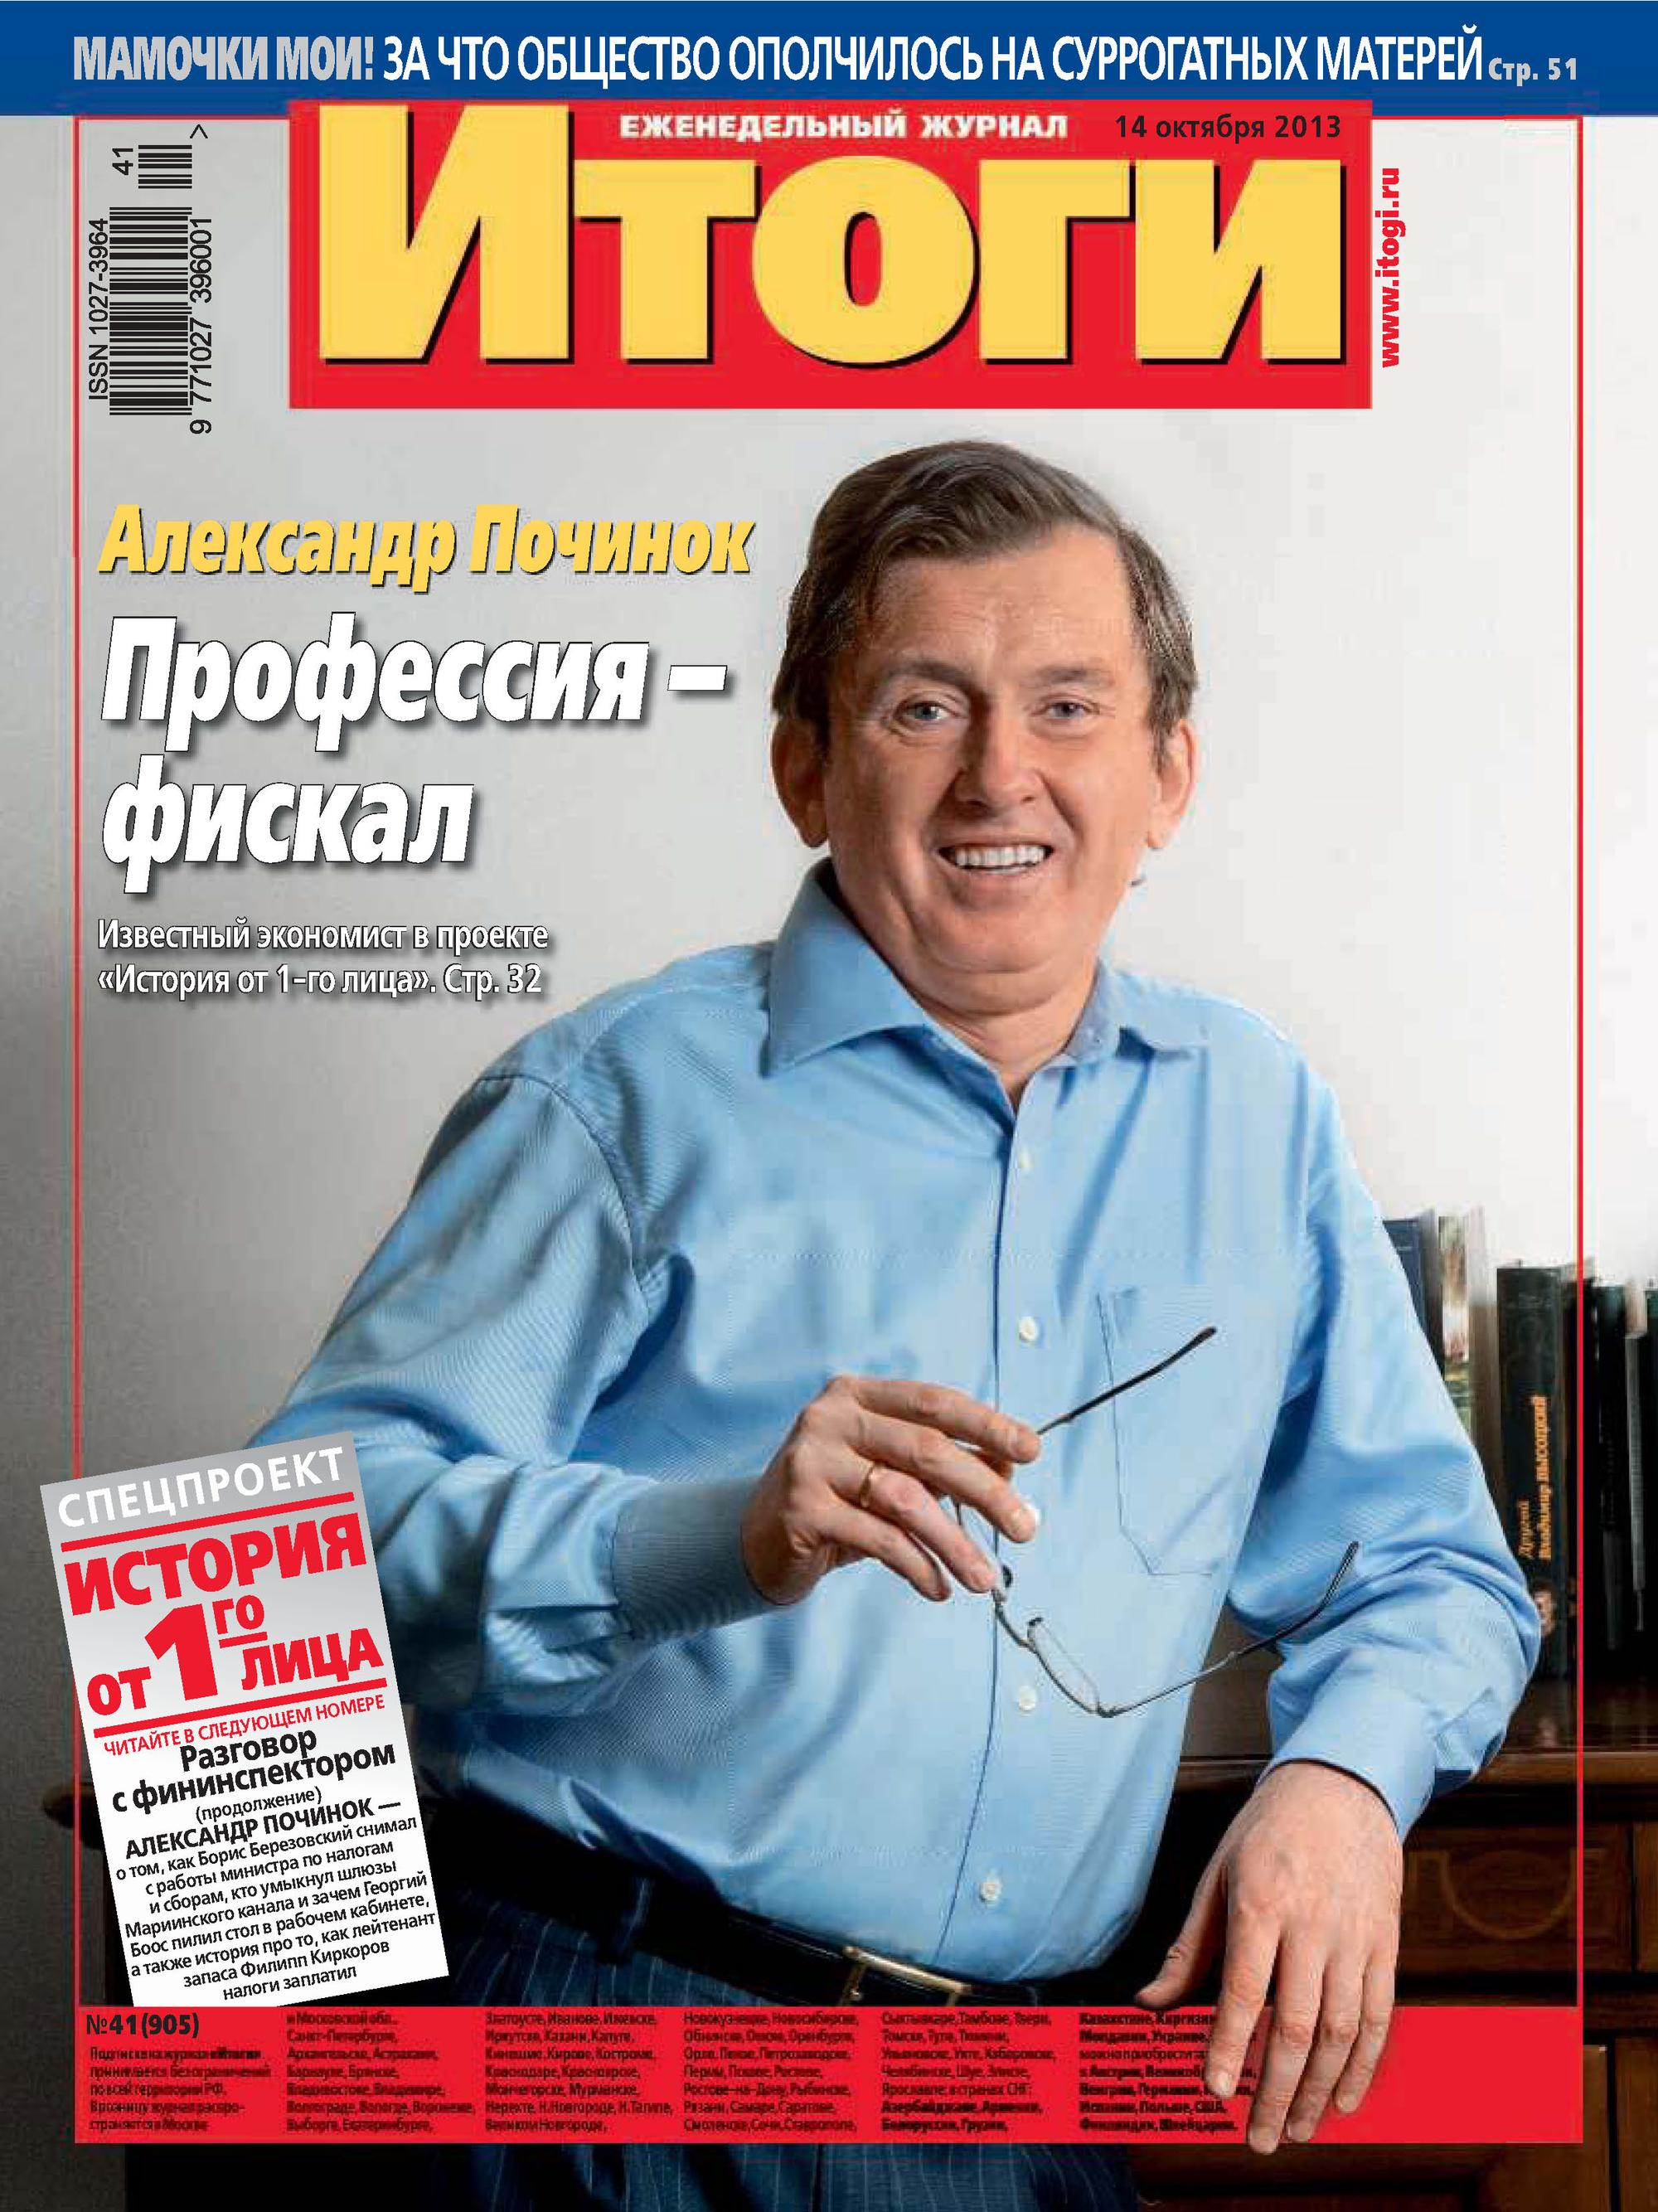 Отсутствует Журнал «Итоги» №41 (905) 2013 отсутствует журнал человек без границ 2 03 2006